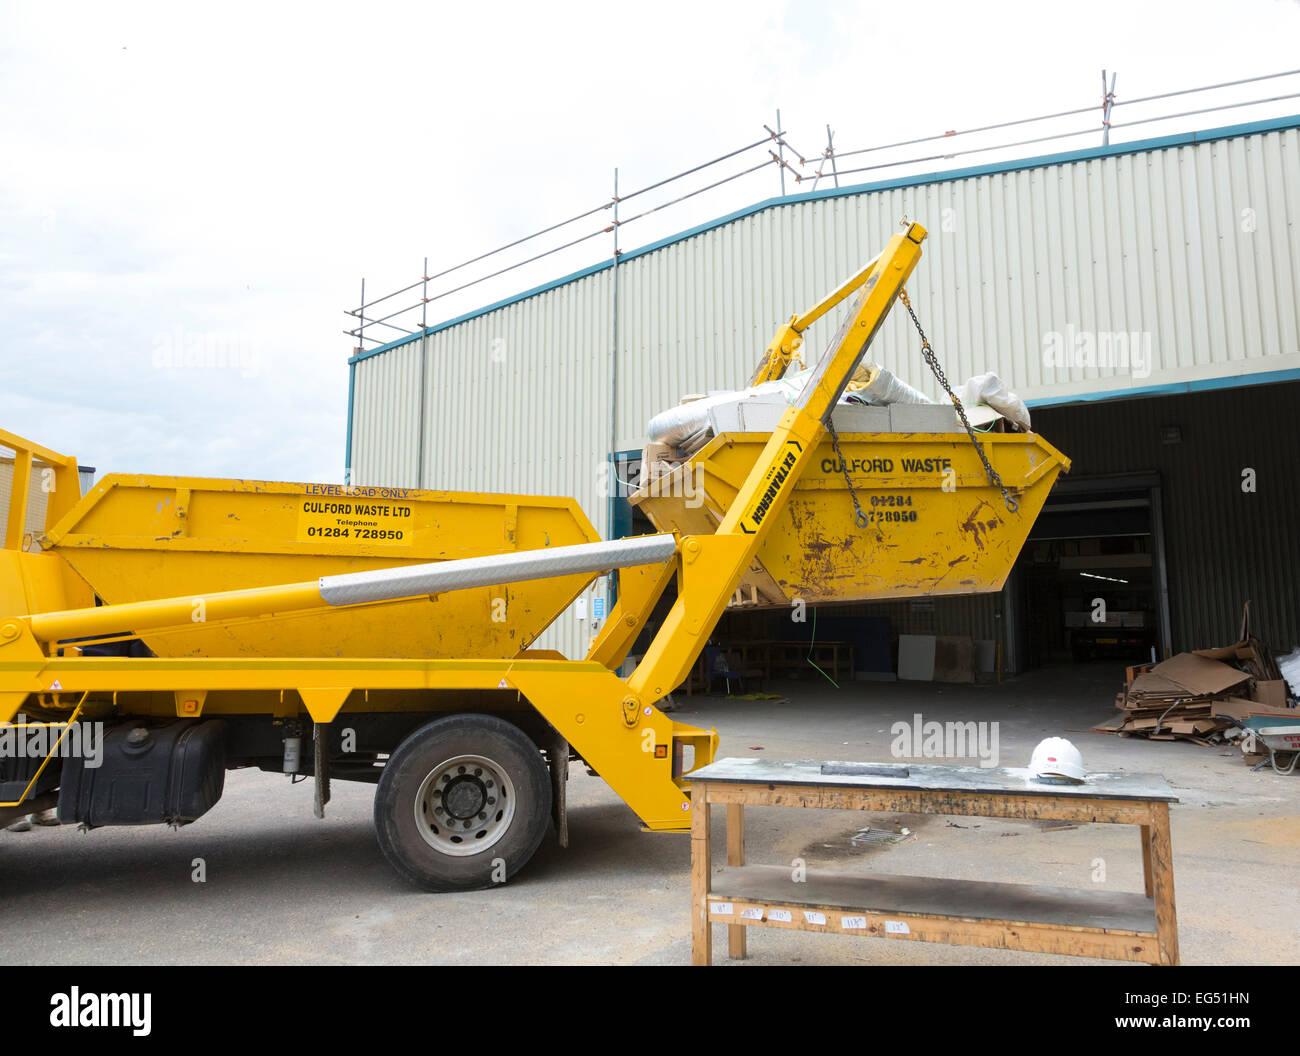 Un salto / contenedor siendo cargados en un camión en el REINO UNIDO Imagen De Stock